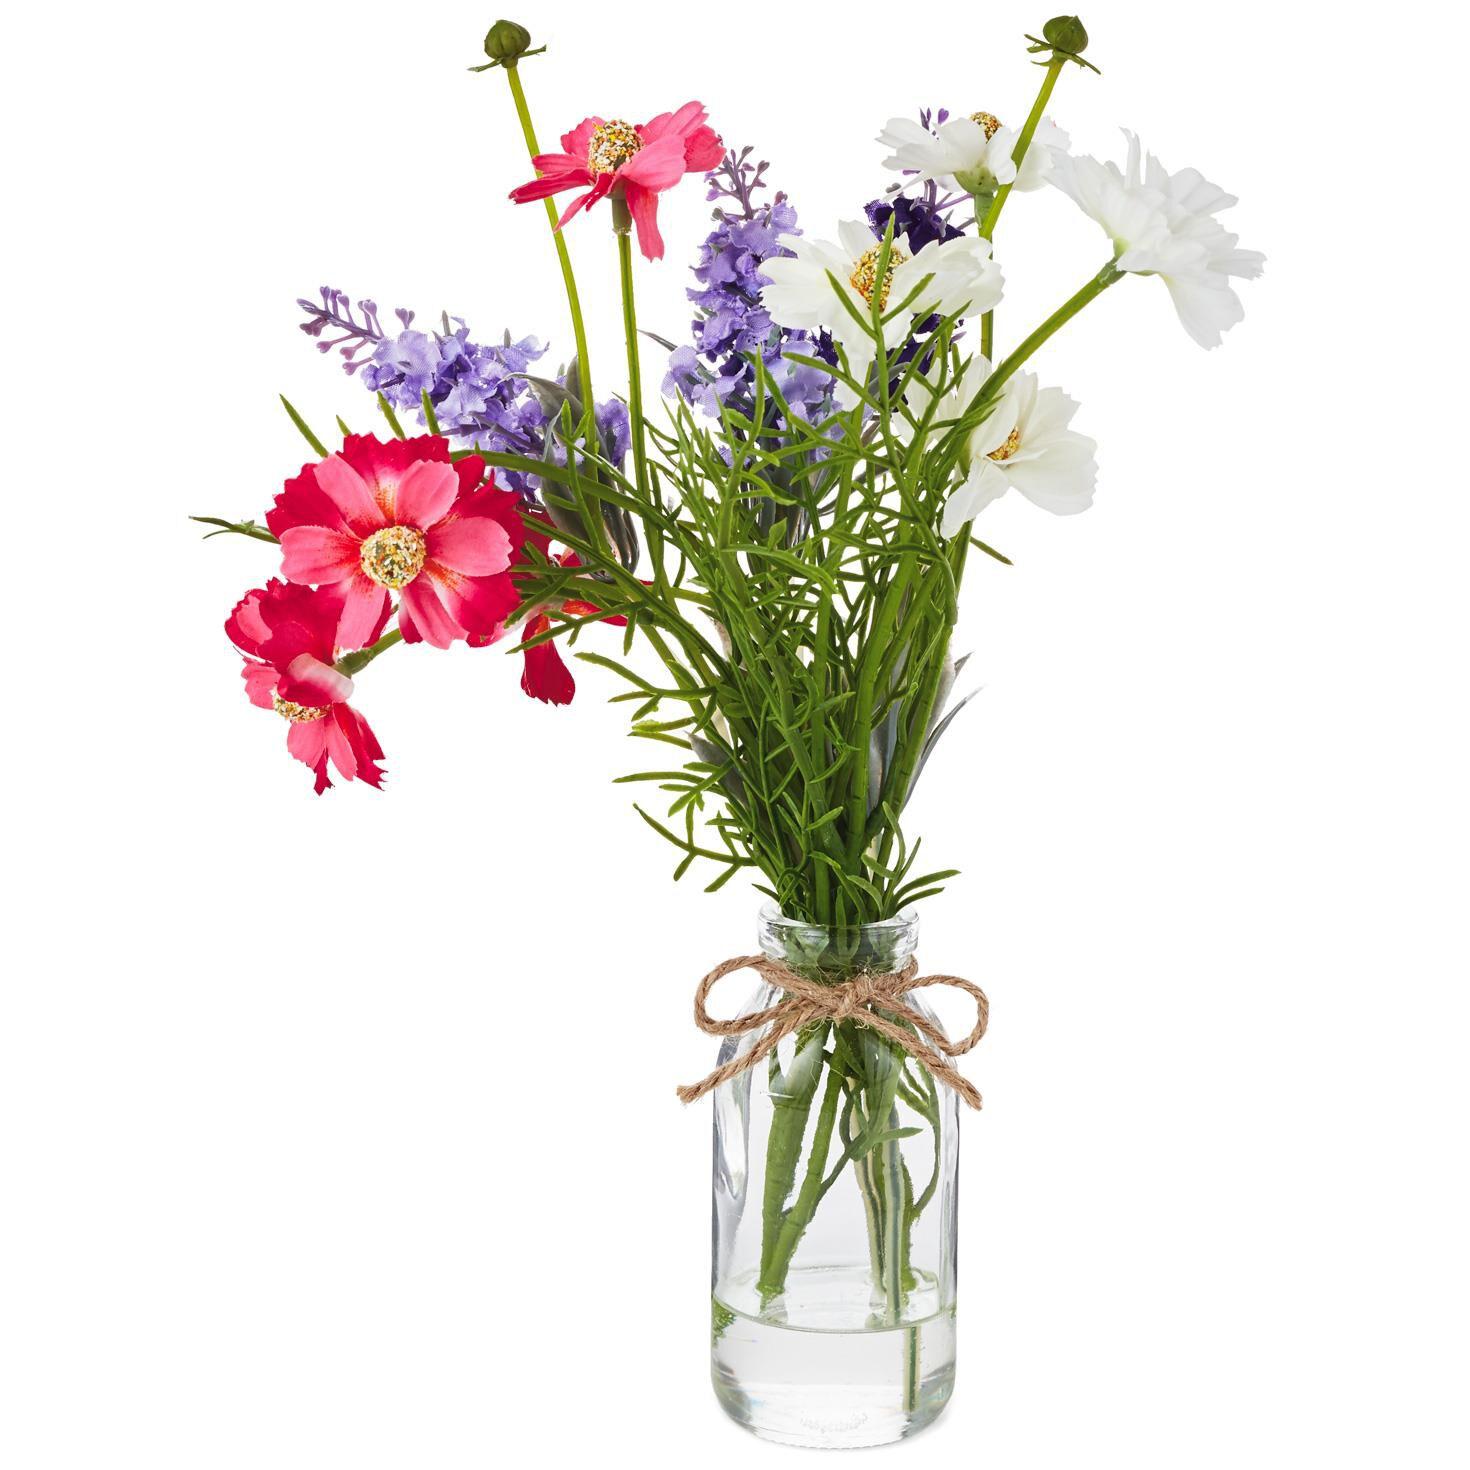 Silk Flower Arrangement In Glass Vase 11 Decorative Accessories